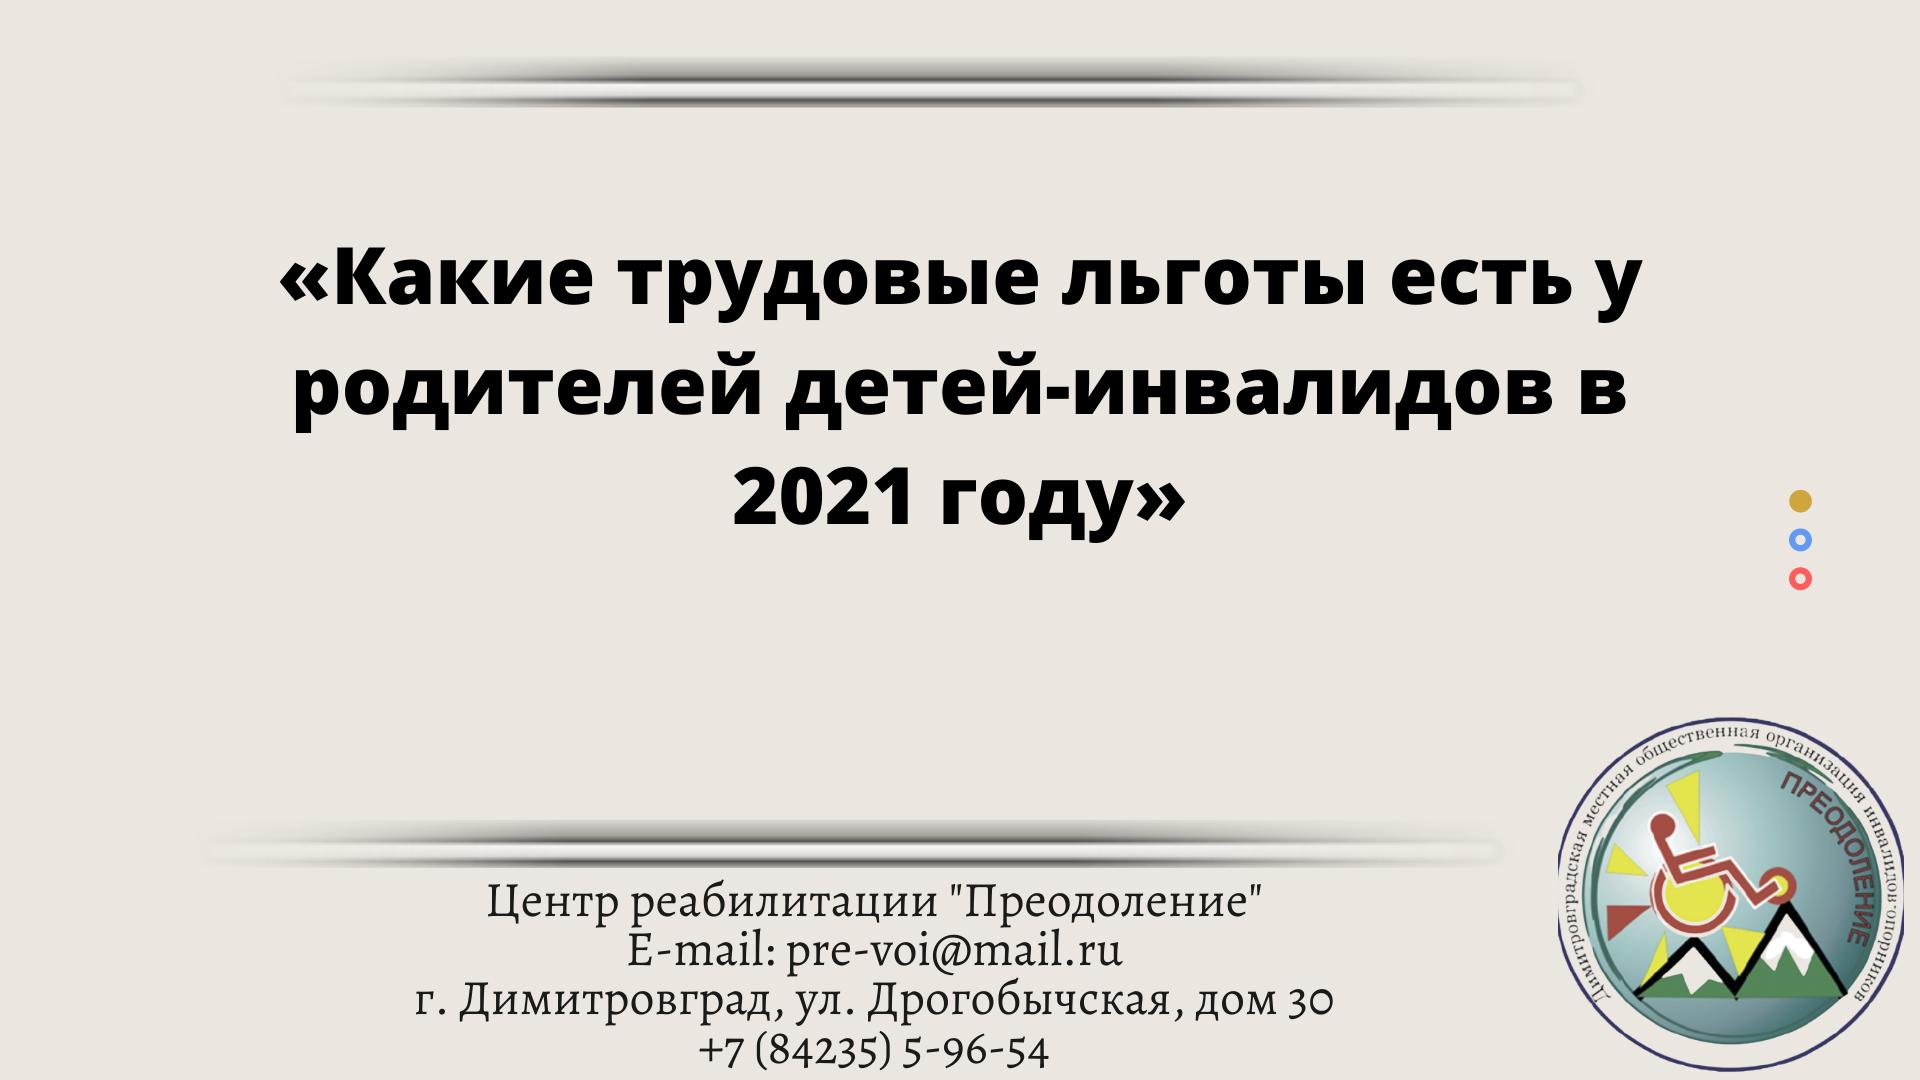 «Какие трудовые льготы есть у родителей детей-инвалидов в 2021 году»